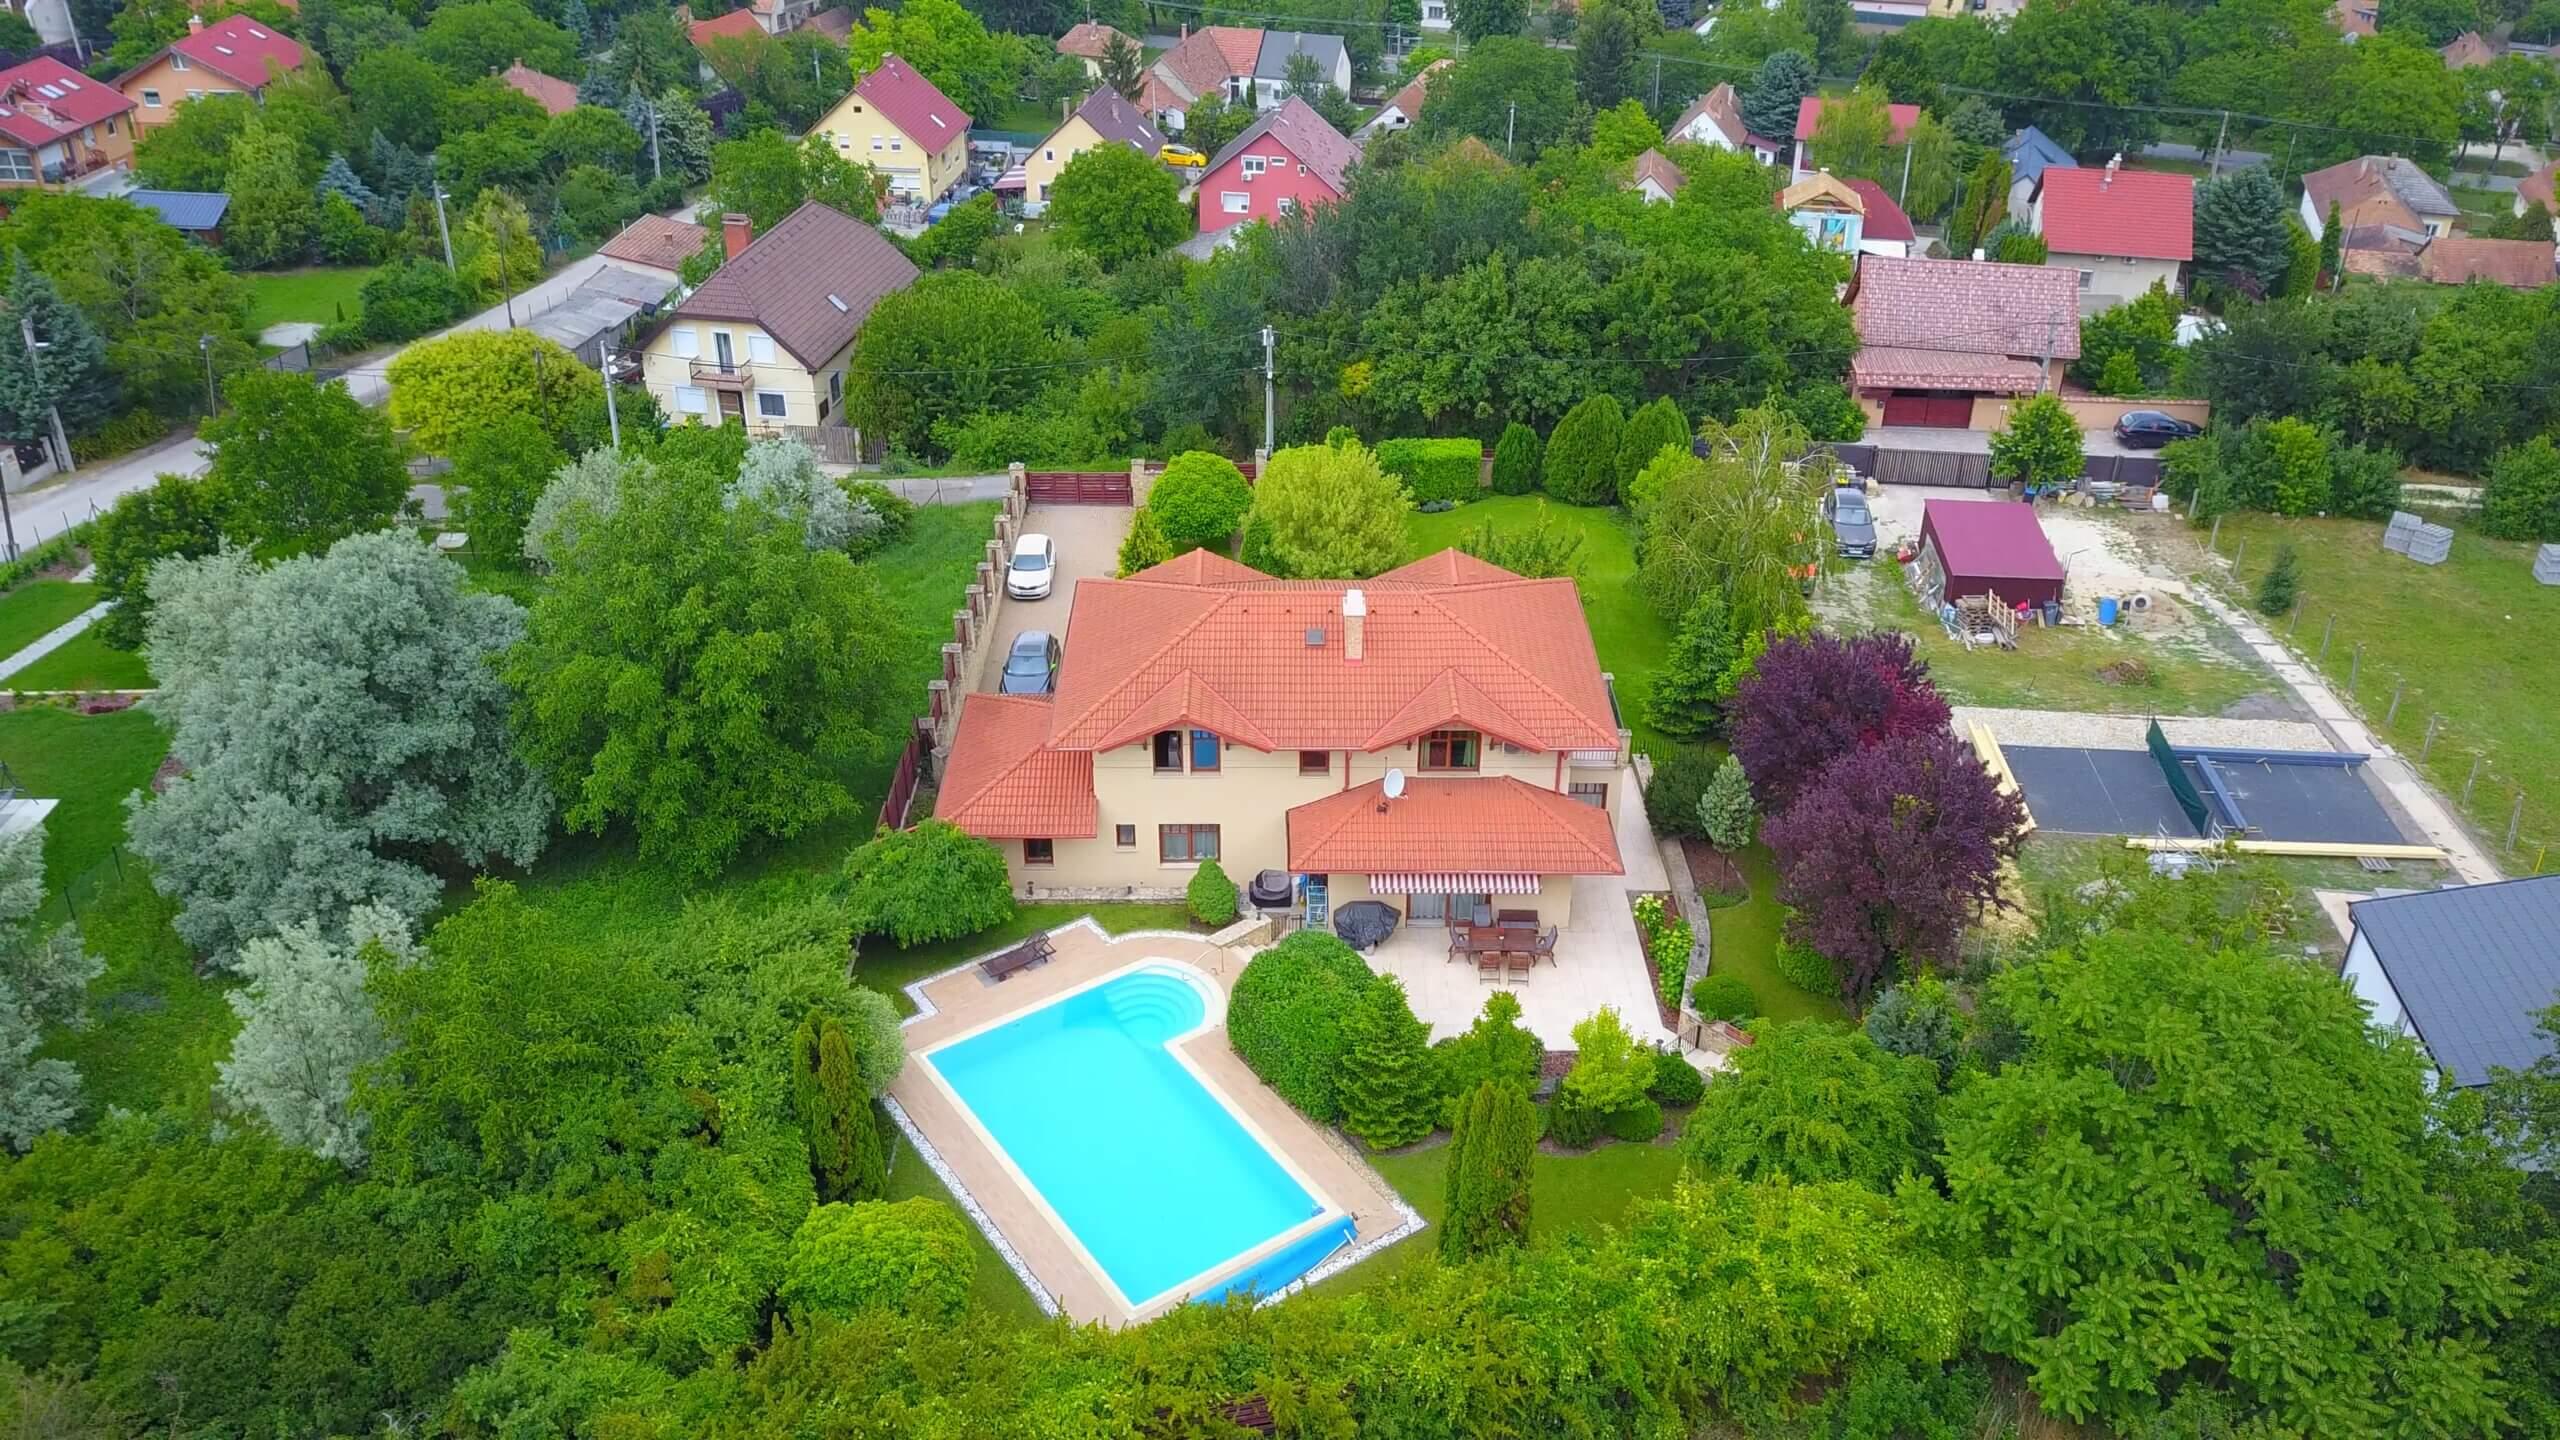 Home office és nyaralás mediterrán hangulatú környezetben, Érden